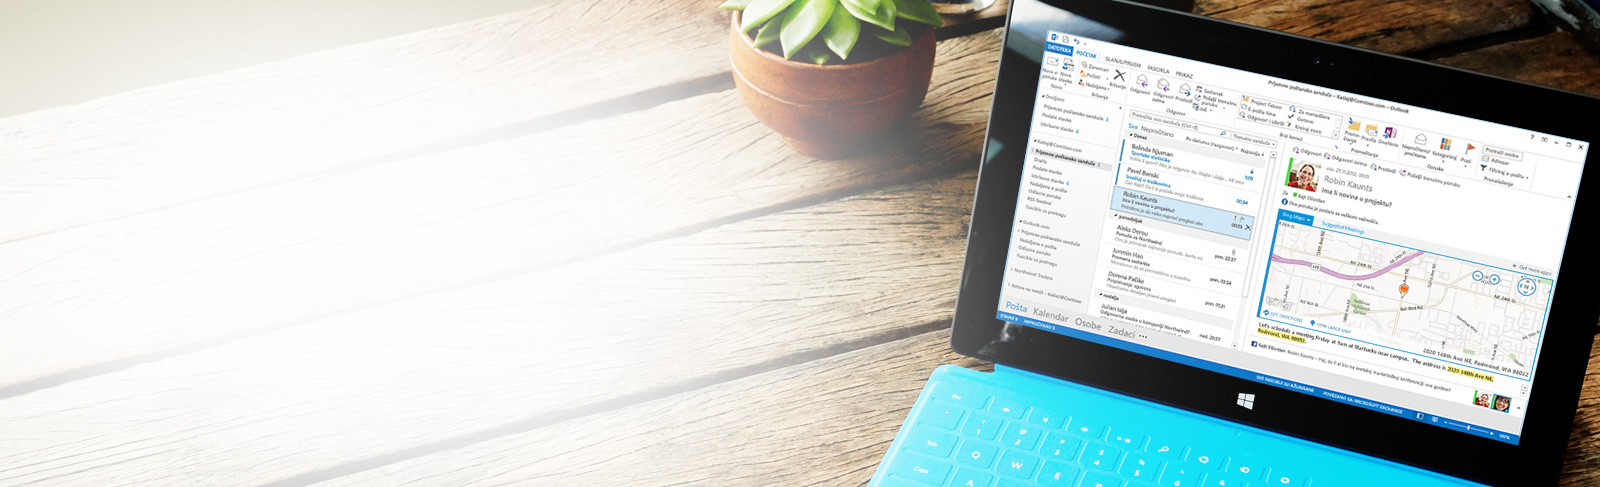 Tablet na kojem je prikazano prijemno poštansko sanduče u programu Microsoft Outlook 2013 zajedno sa listom i pregledom poruka.